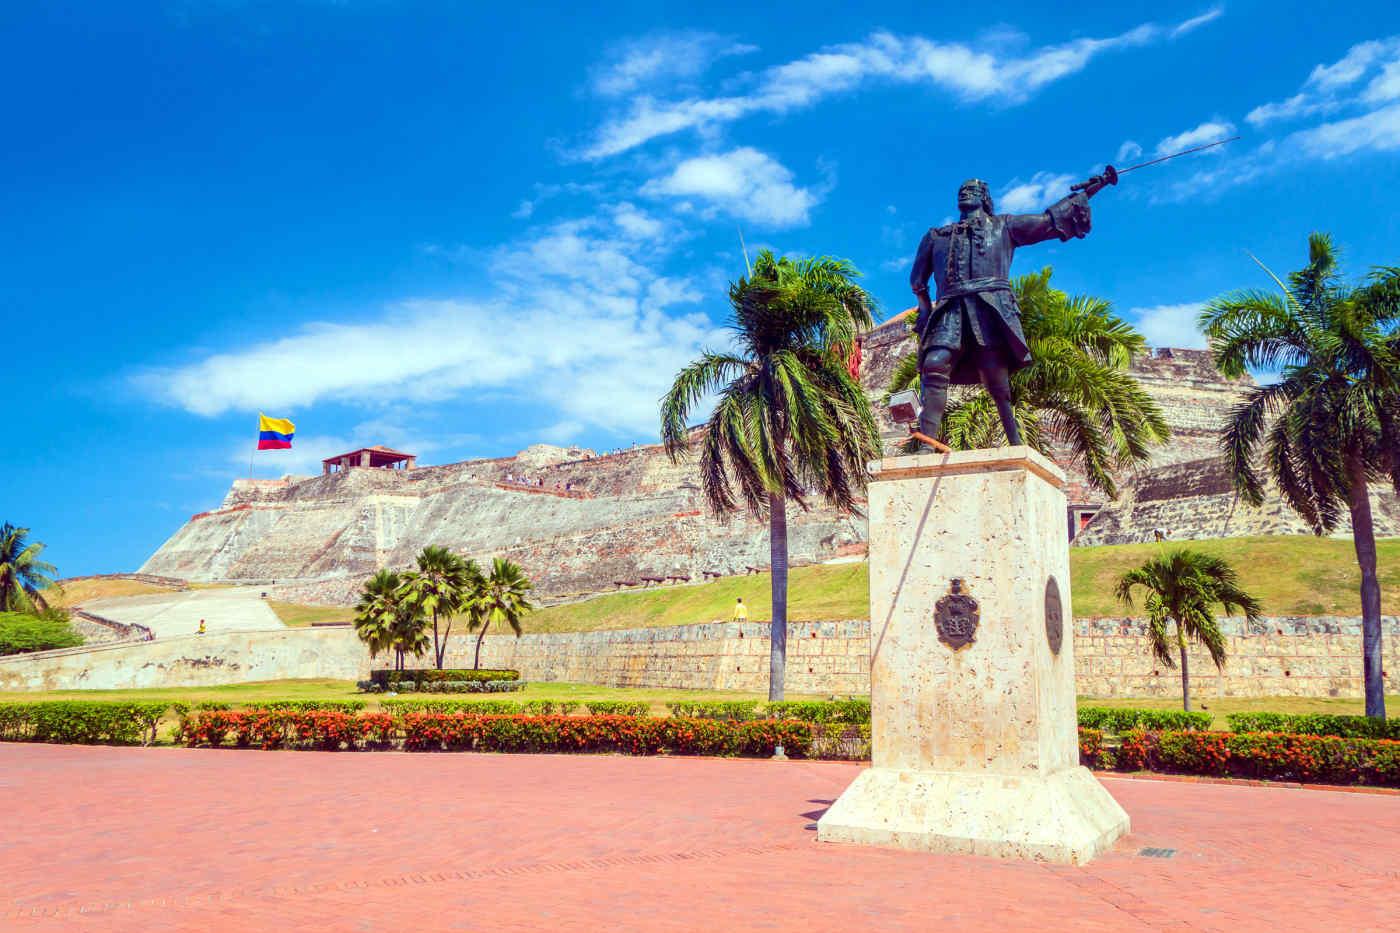 Castillo de San Felipe de Barajas in Cartagena